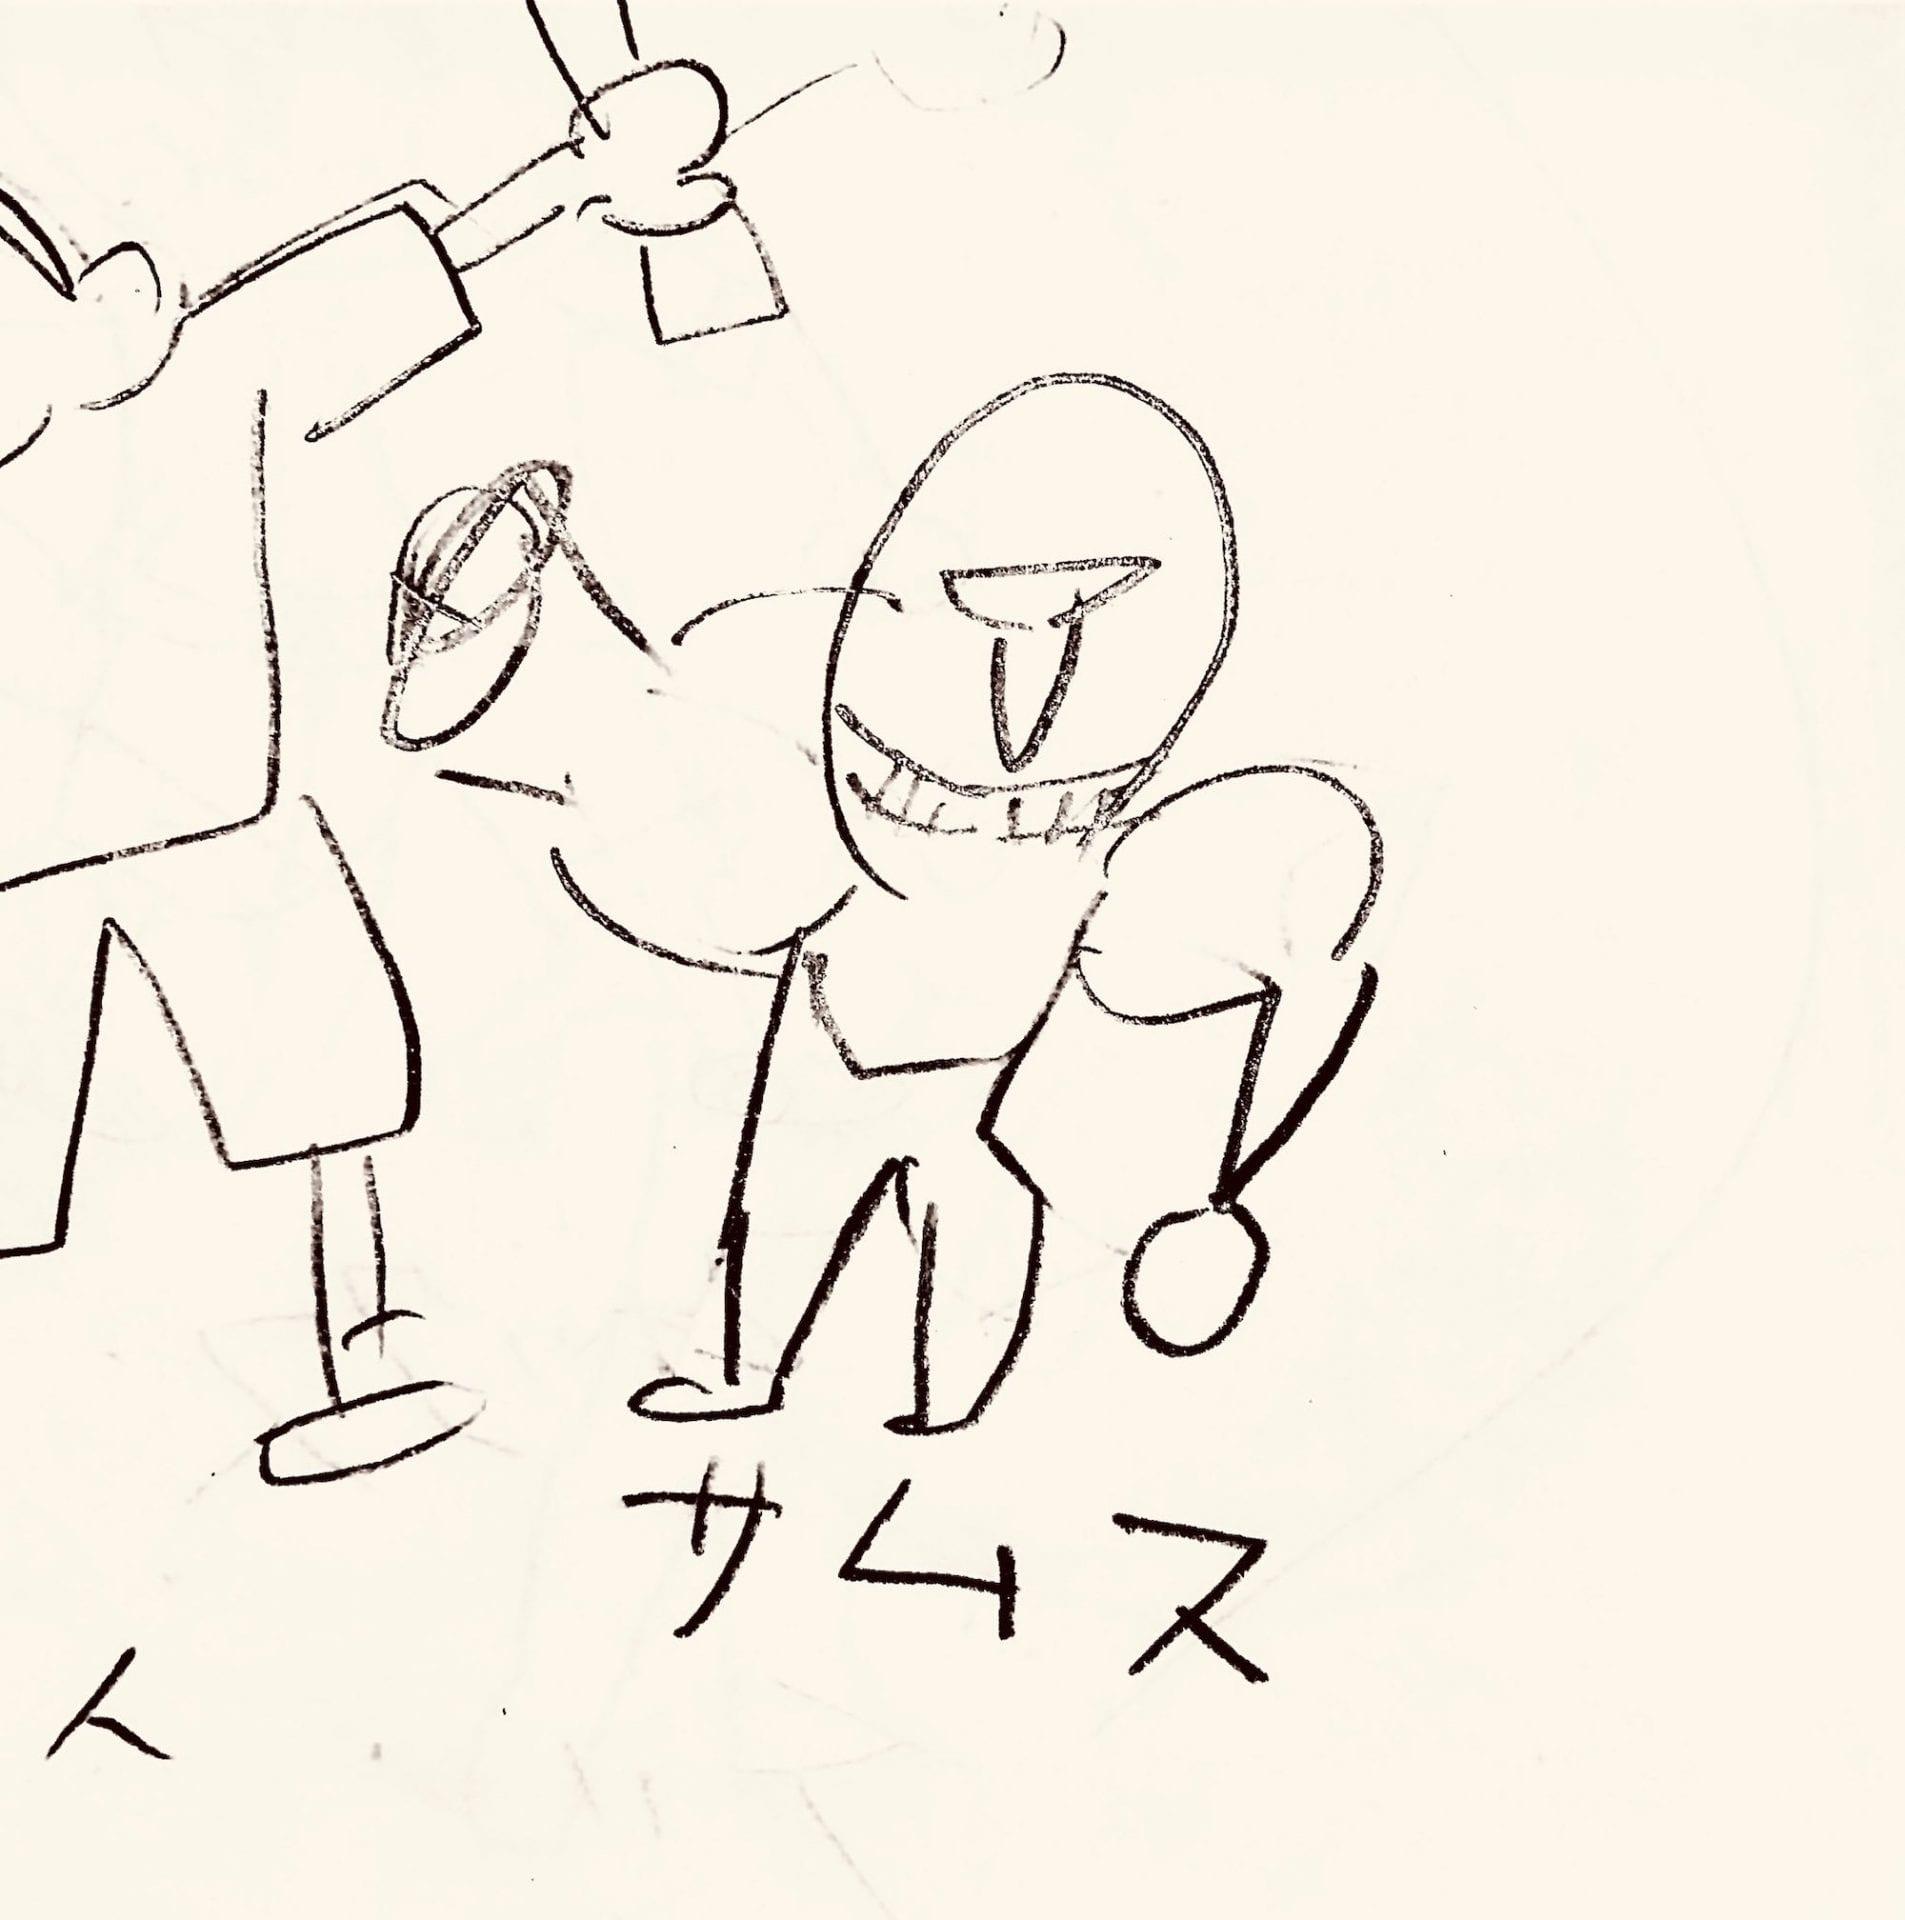 L'artiste Taku Inoue transforme les dessins d'enfants en petites figurines